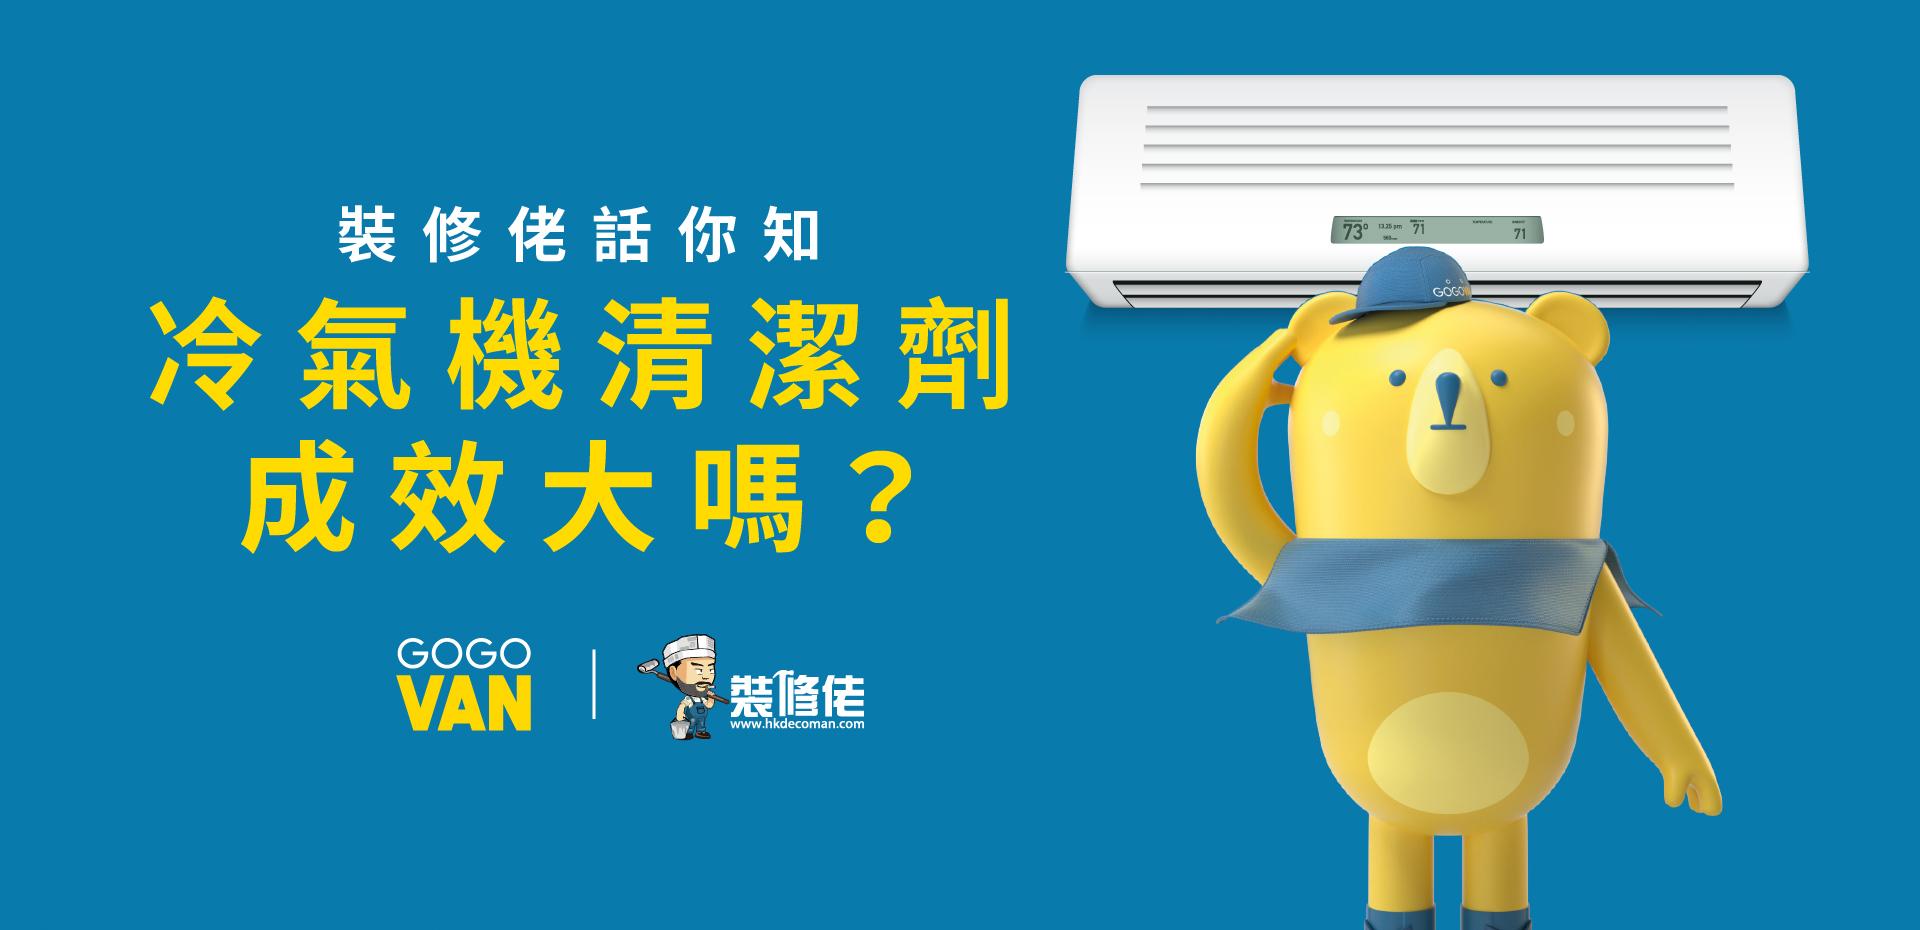 裝修佬話你知- 冷氣機清潔成效大嗎